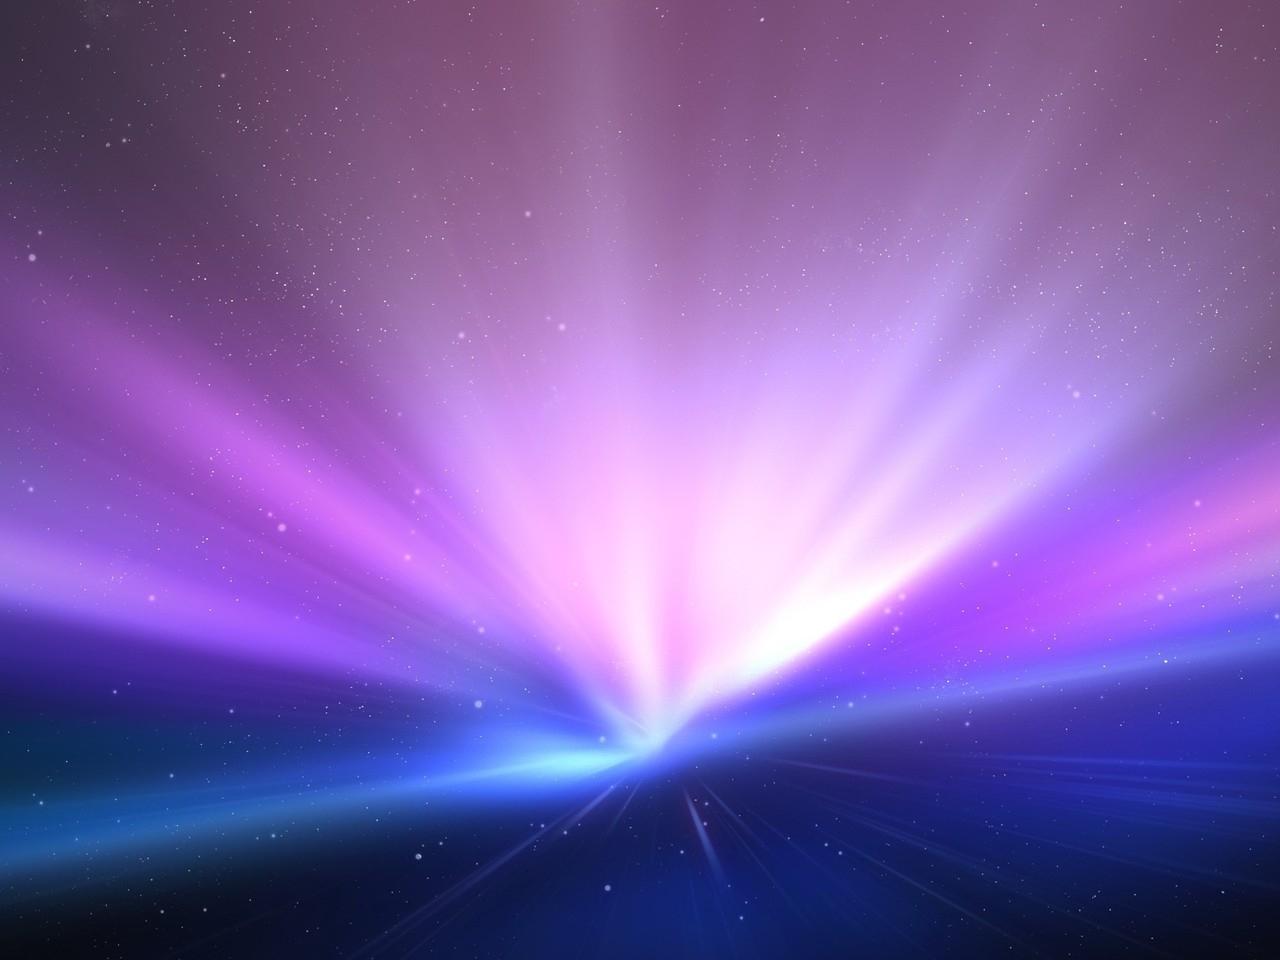 30243 скачать Фиолетовые обои на телефон бесплатно, Фон, Космос Фиолетовые картинки и заставки на мобильный